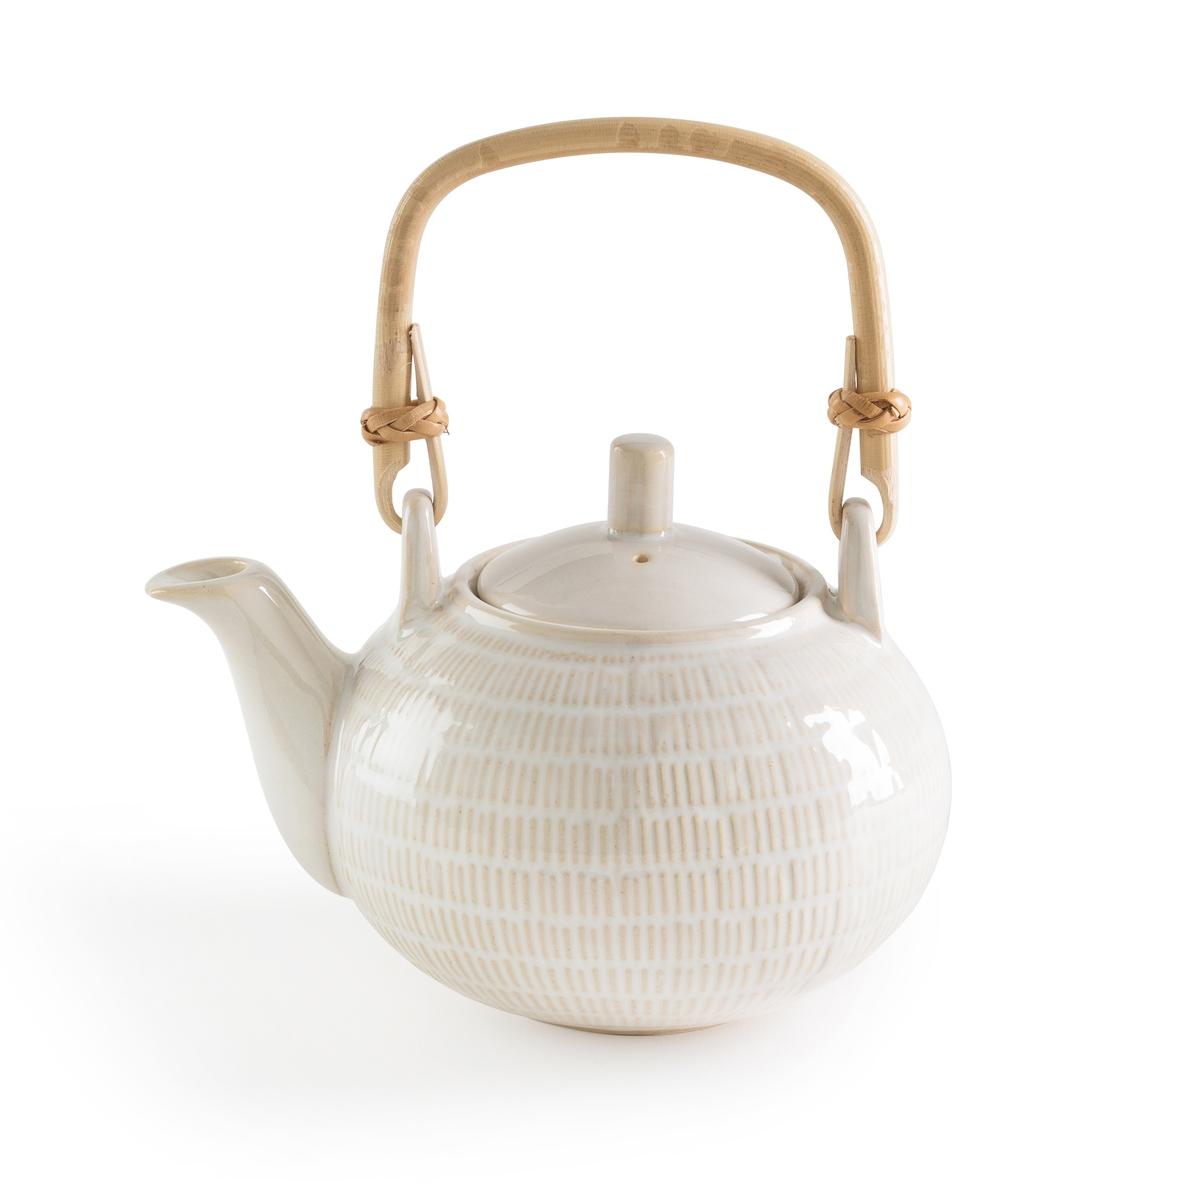 Чайник заварочный с ручкой из ротангаLOKJIОписание:Заварочный чайник La Redoute Interieurs : текстурный двухцветный узор, эмалированная отделка. Очаровательный и практичный чайник для душевных моментов.Характеристики заварочного чайника •  Камень, отделка разноцветной эмалью •  Ручка из ротанга •  Блестящая отделкаРазмеры заварочного чайника •  Размеры: 15 x 11,5 x 10 смВсю коллекцию столового декора вы найдете на сайте laredoute.<br><br>Цвет: белый